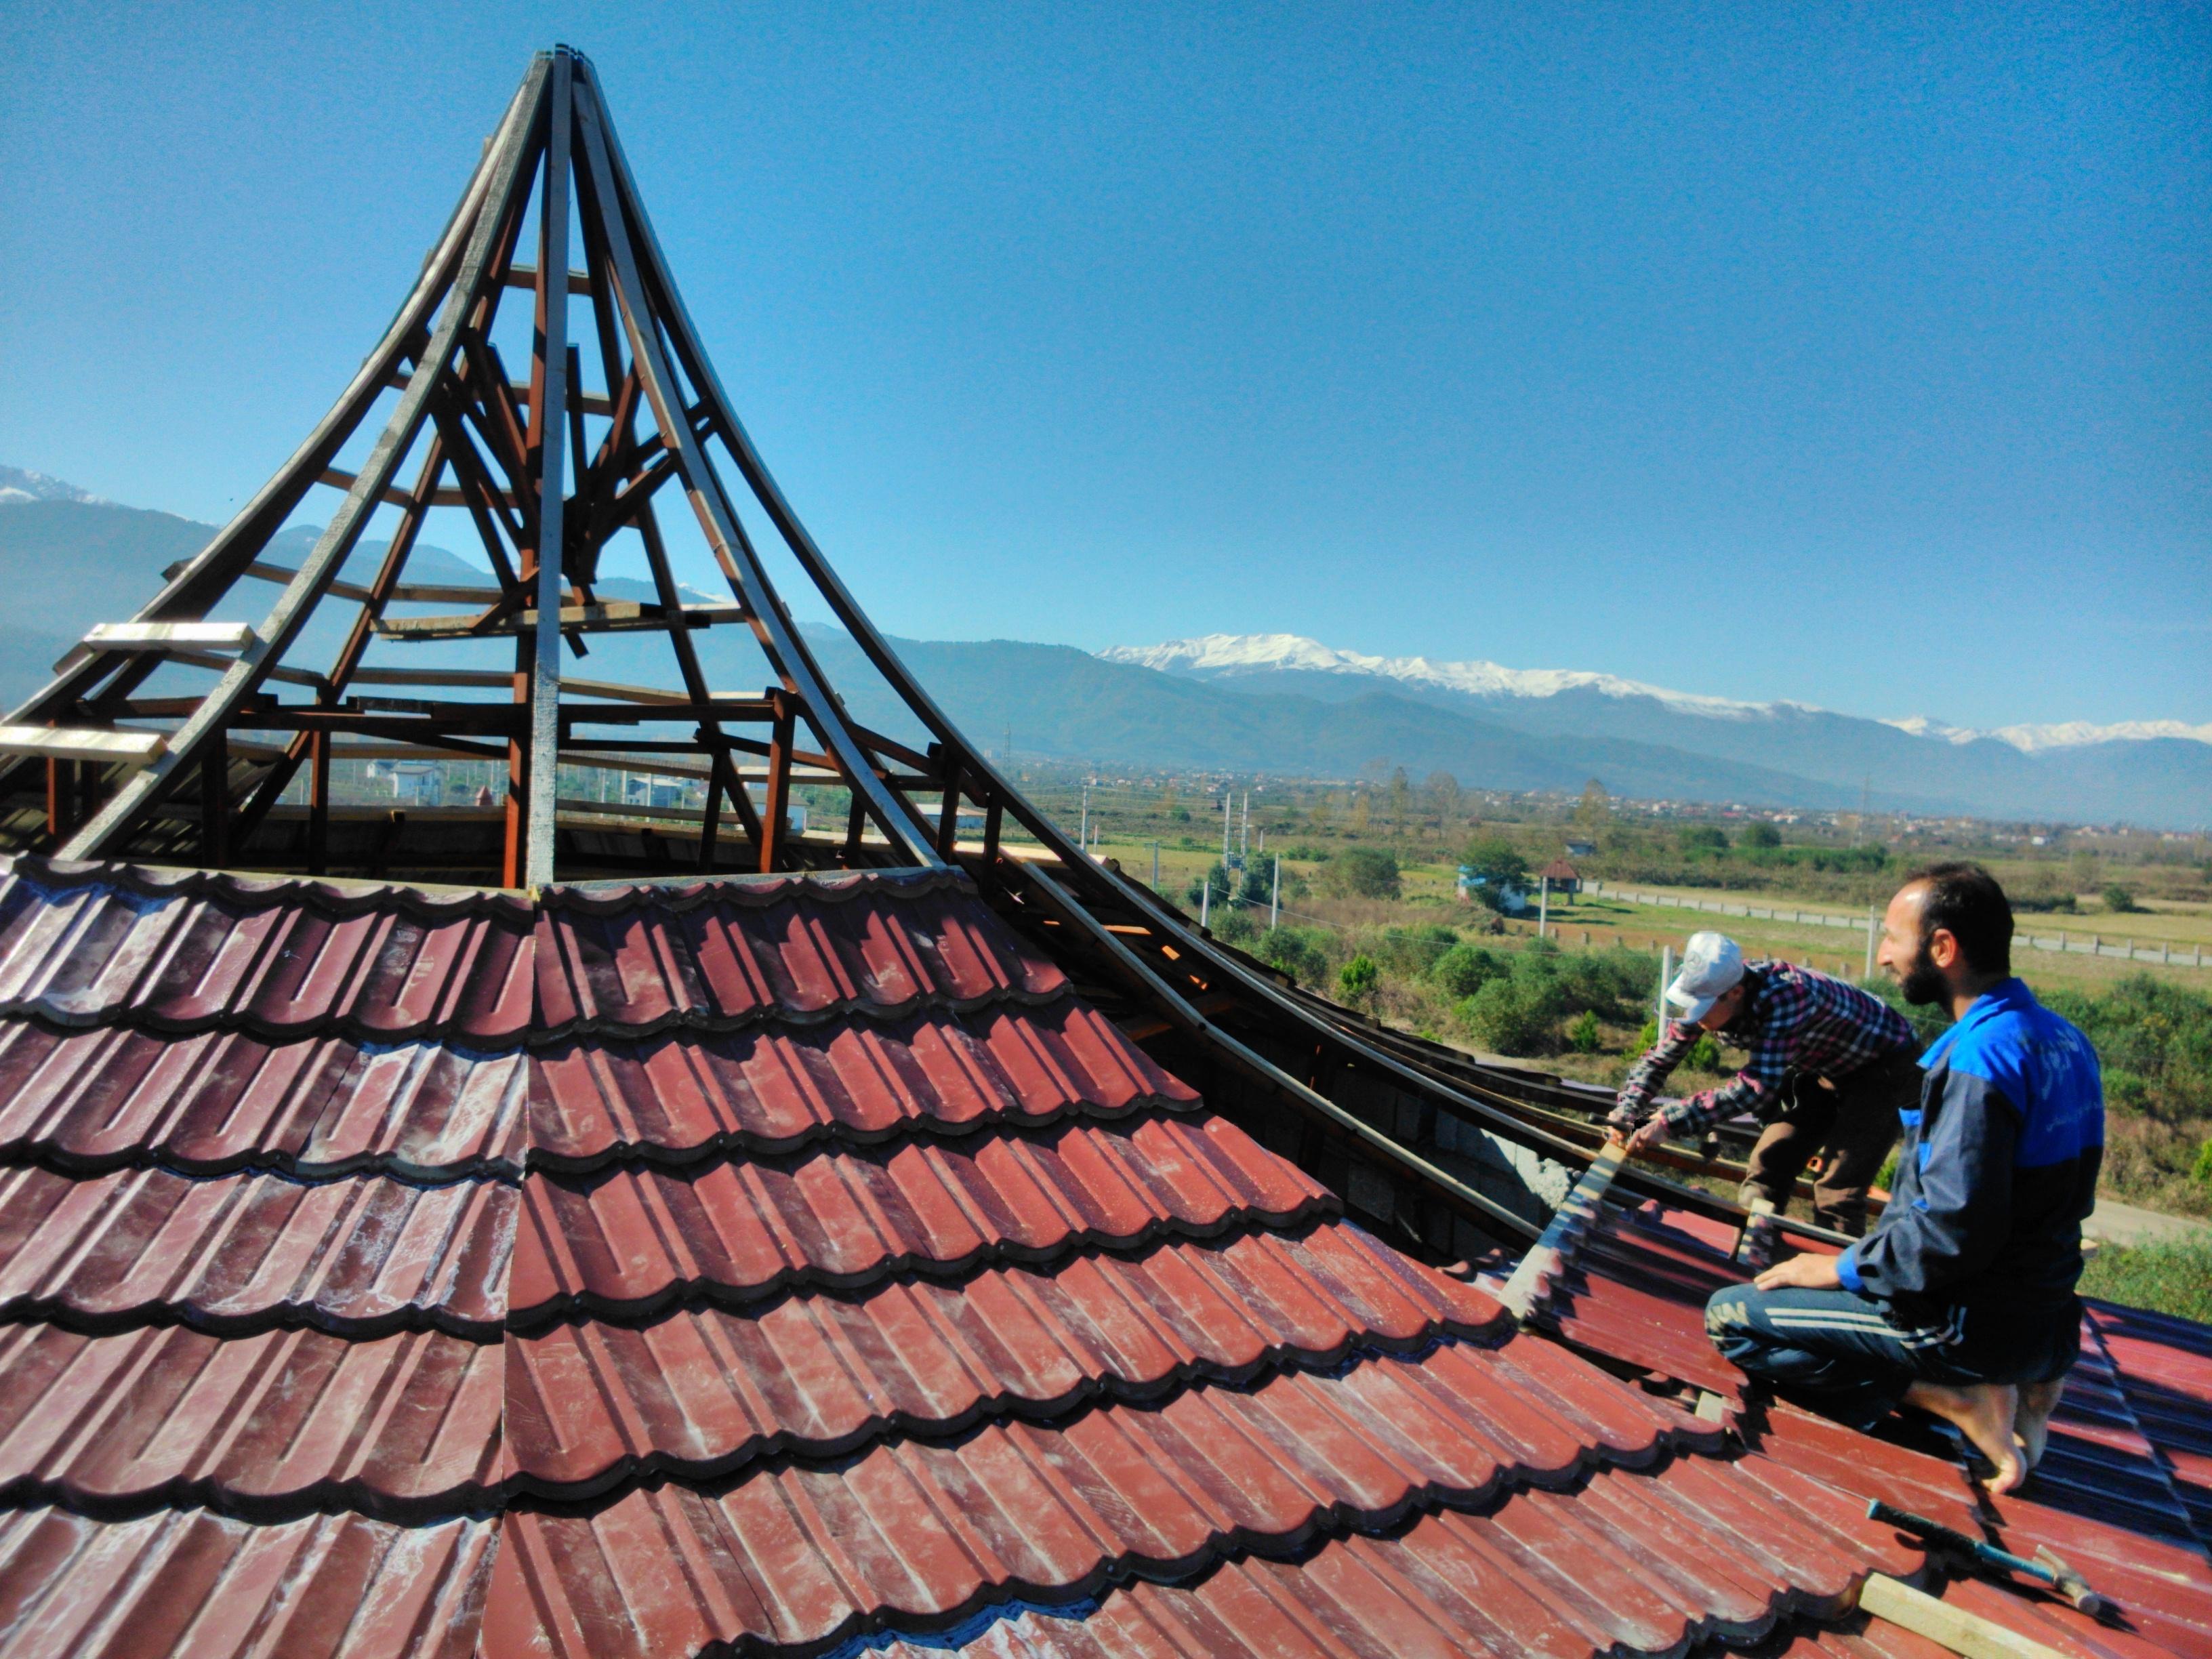 پوشش سقف مرکزی چالوس